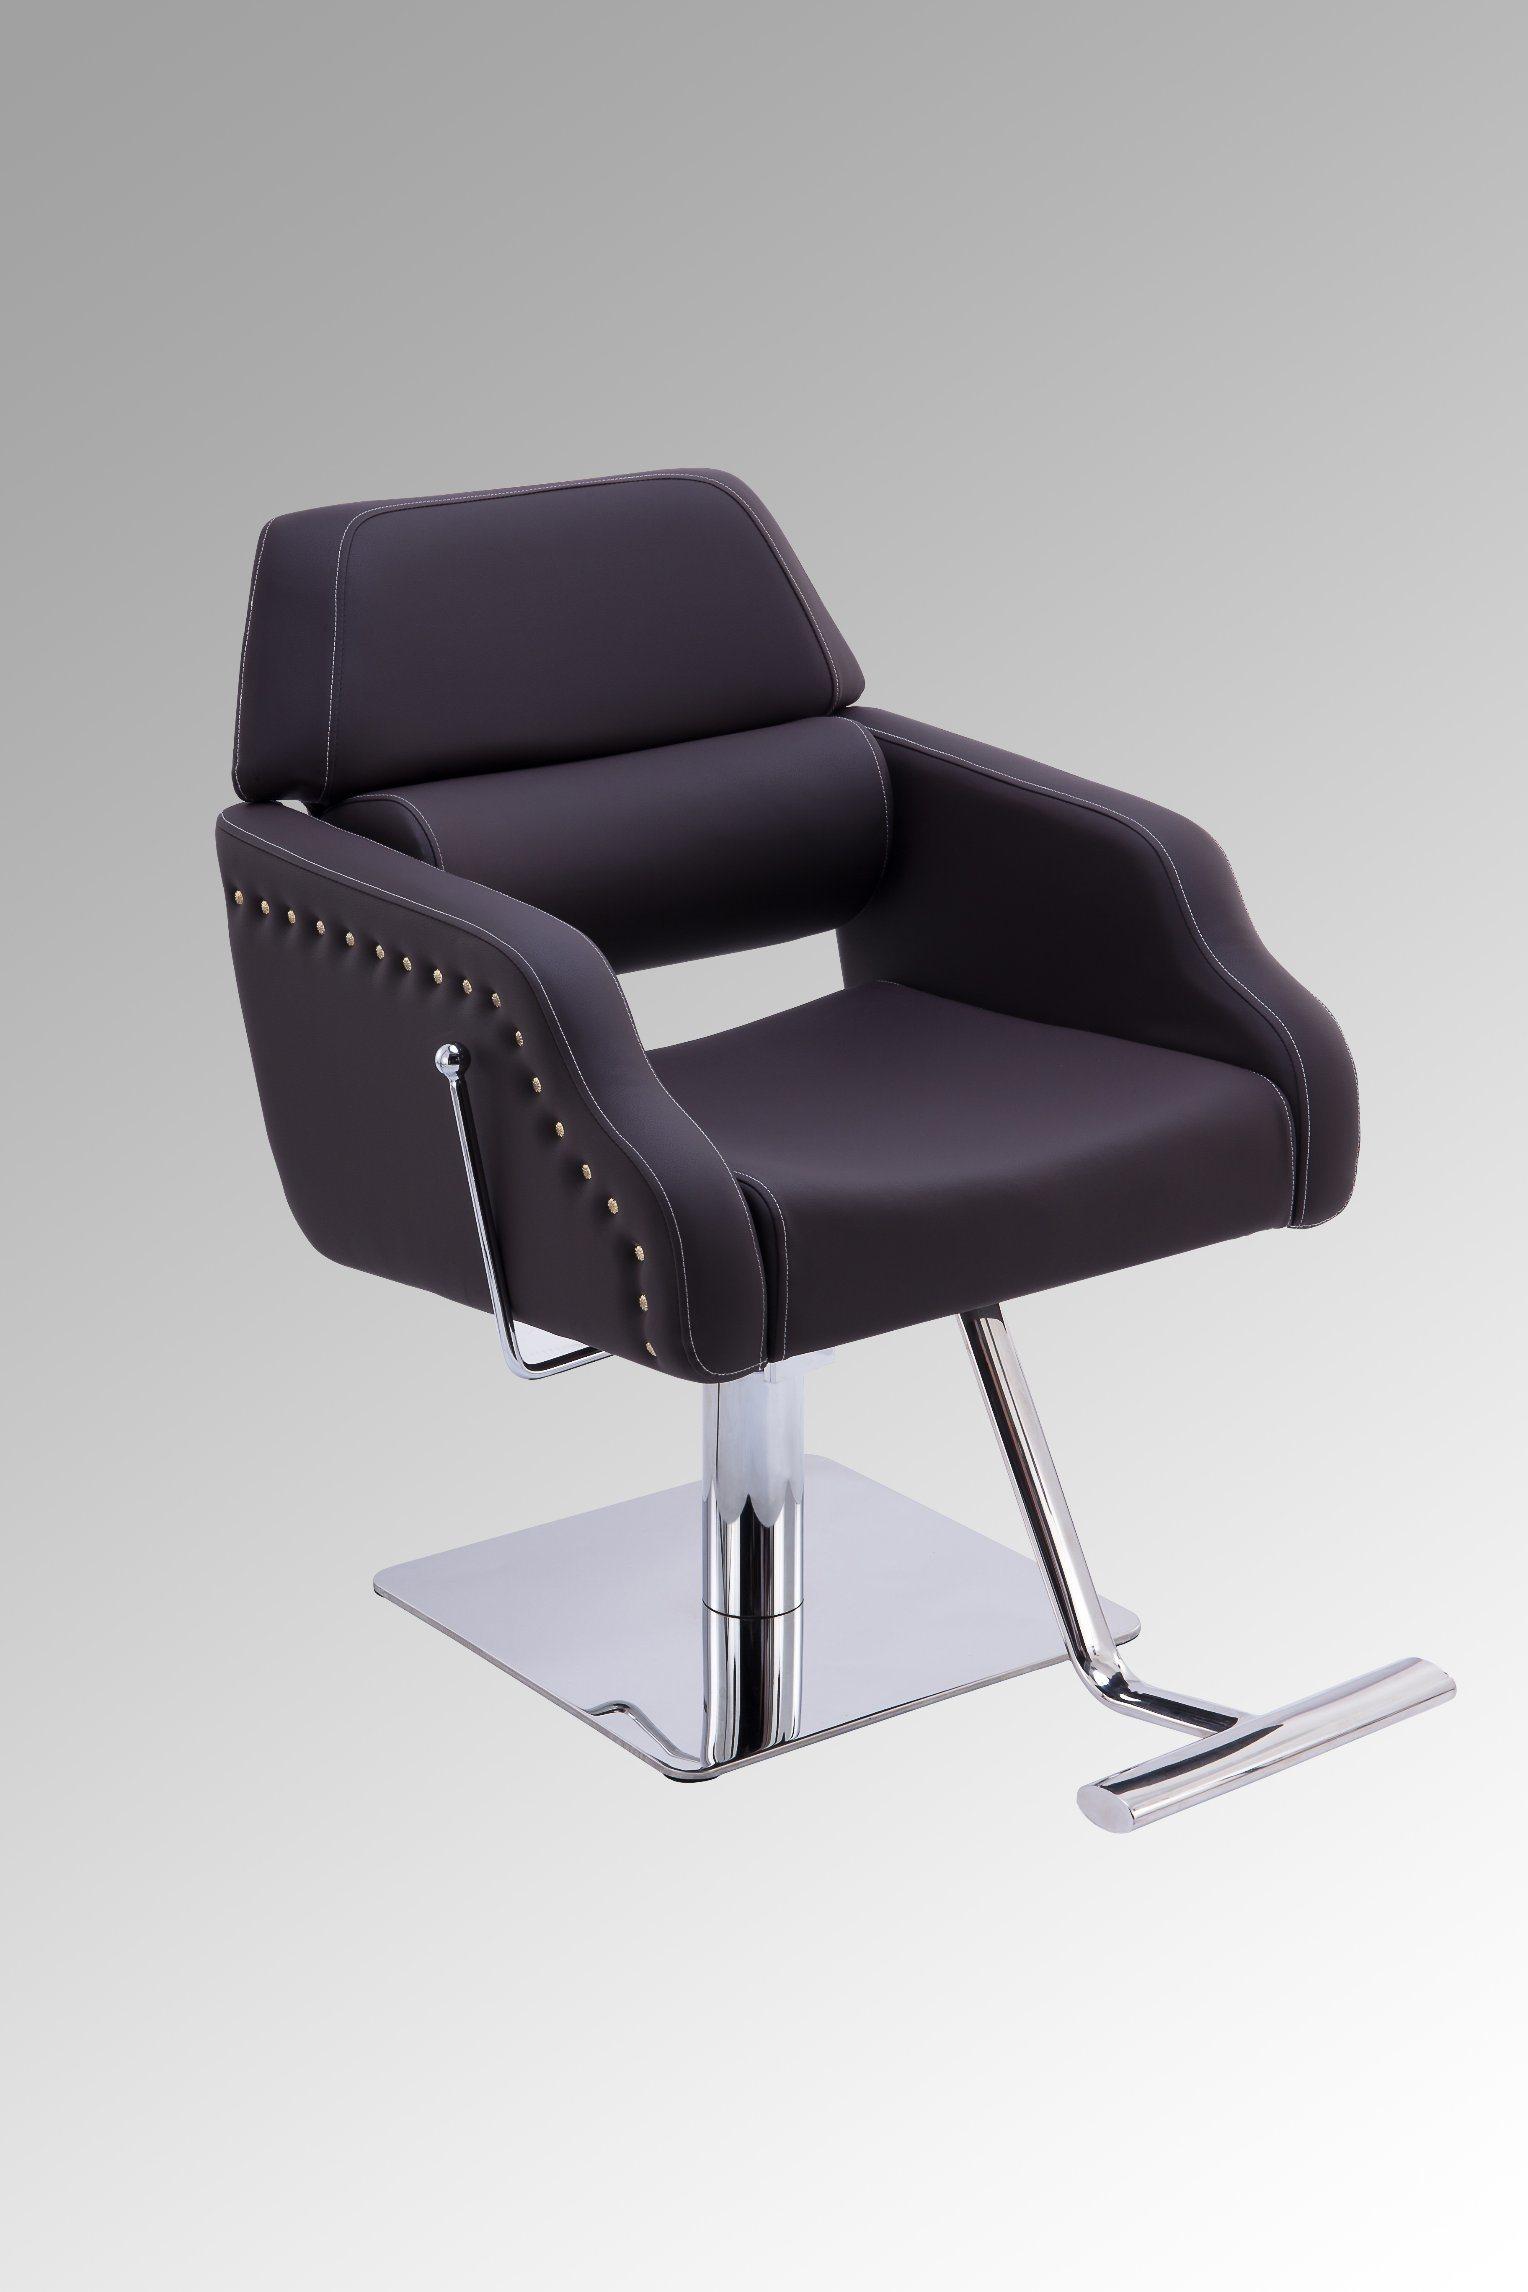 Superb Hot Item Cheaper Reclining Headrest Salon Hair Salon Barber Chair My 007 92L Lamtechconsult Wood Chair Design Ideas Lamtechconsultcom